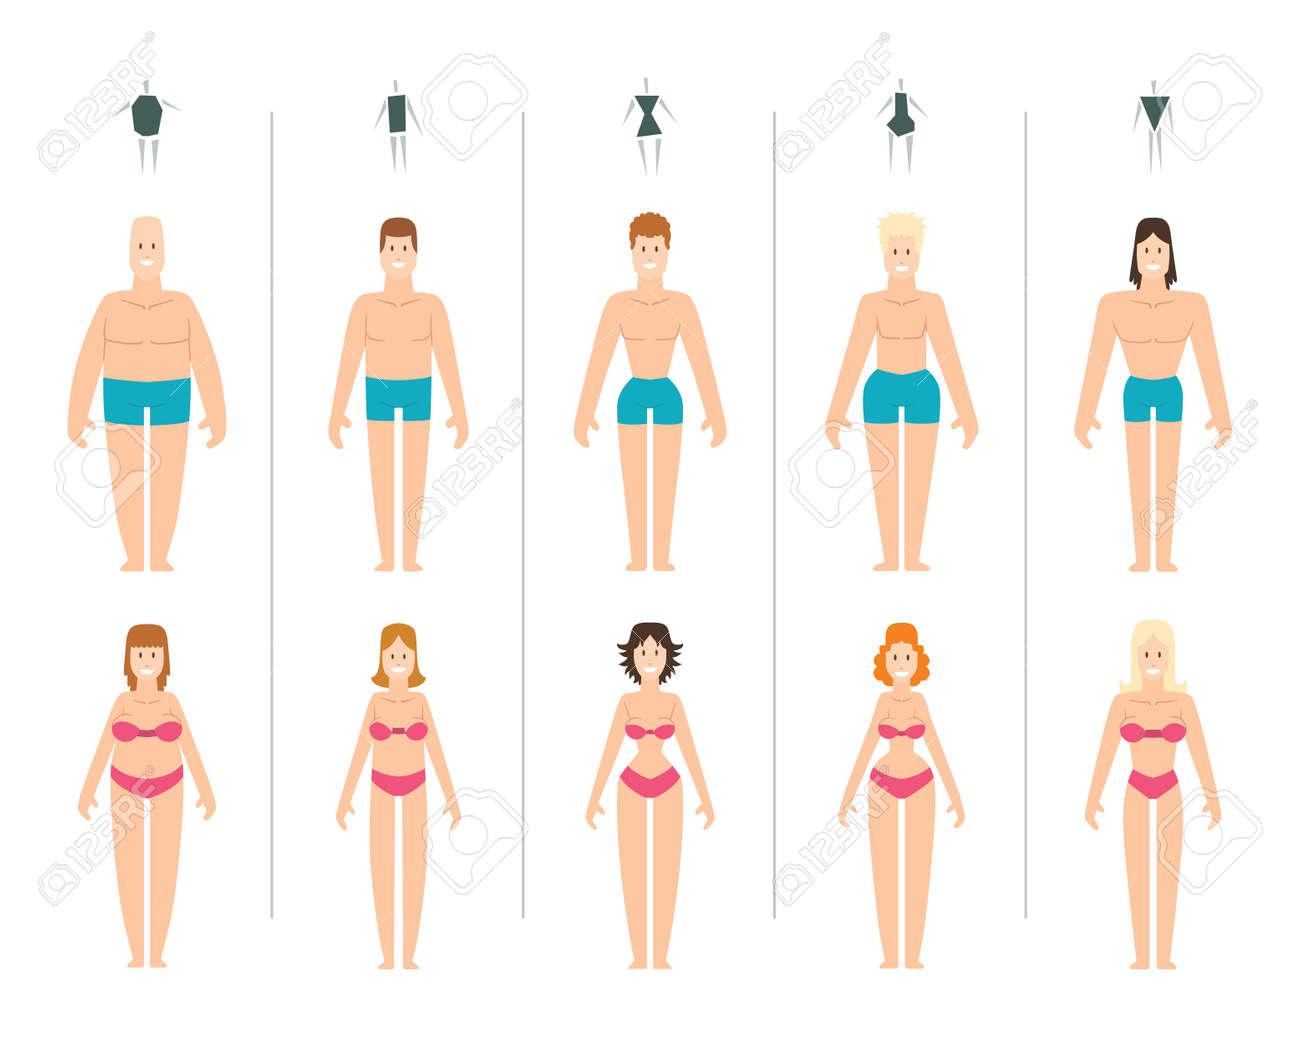 Ilustración Vectorial Tipos De Cuerpo Femenino. Los Tipos De Cuerpo ...